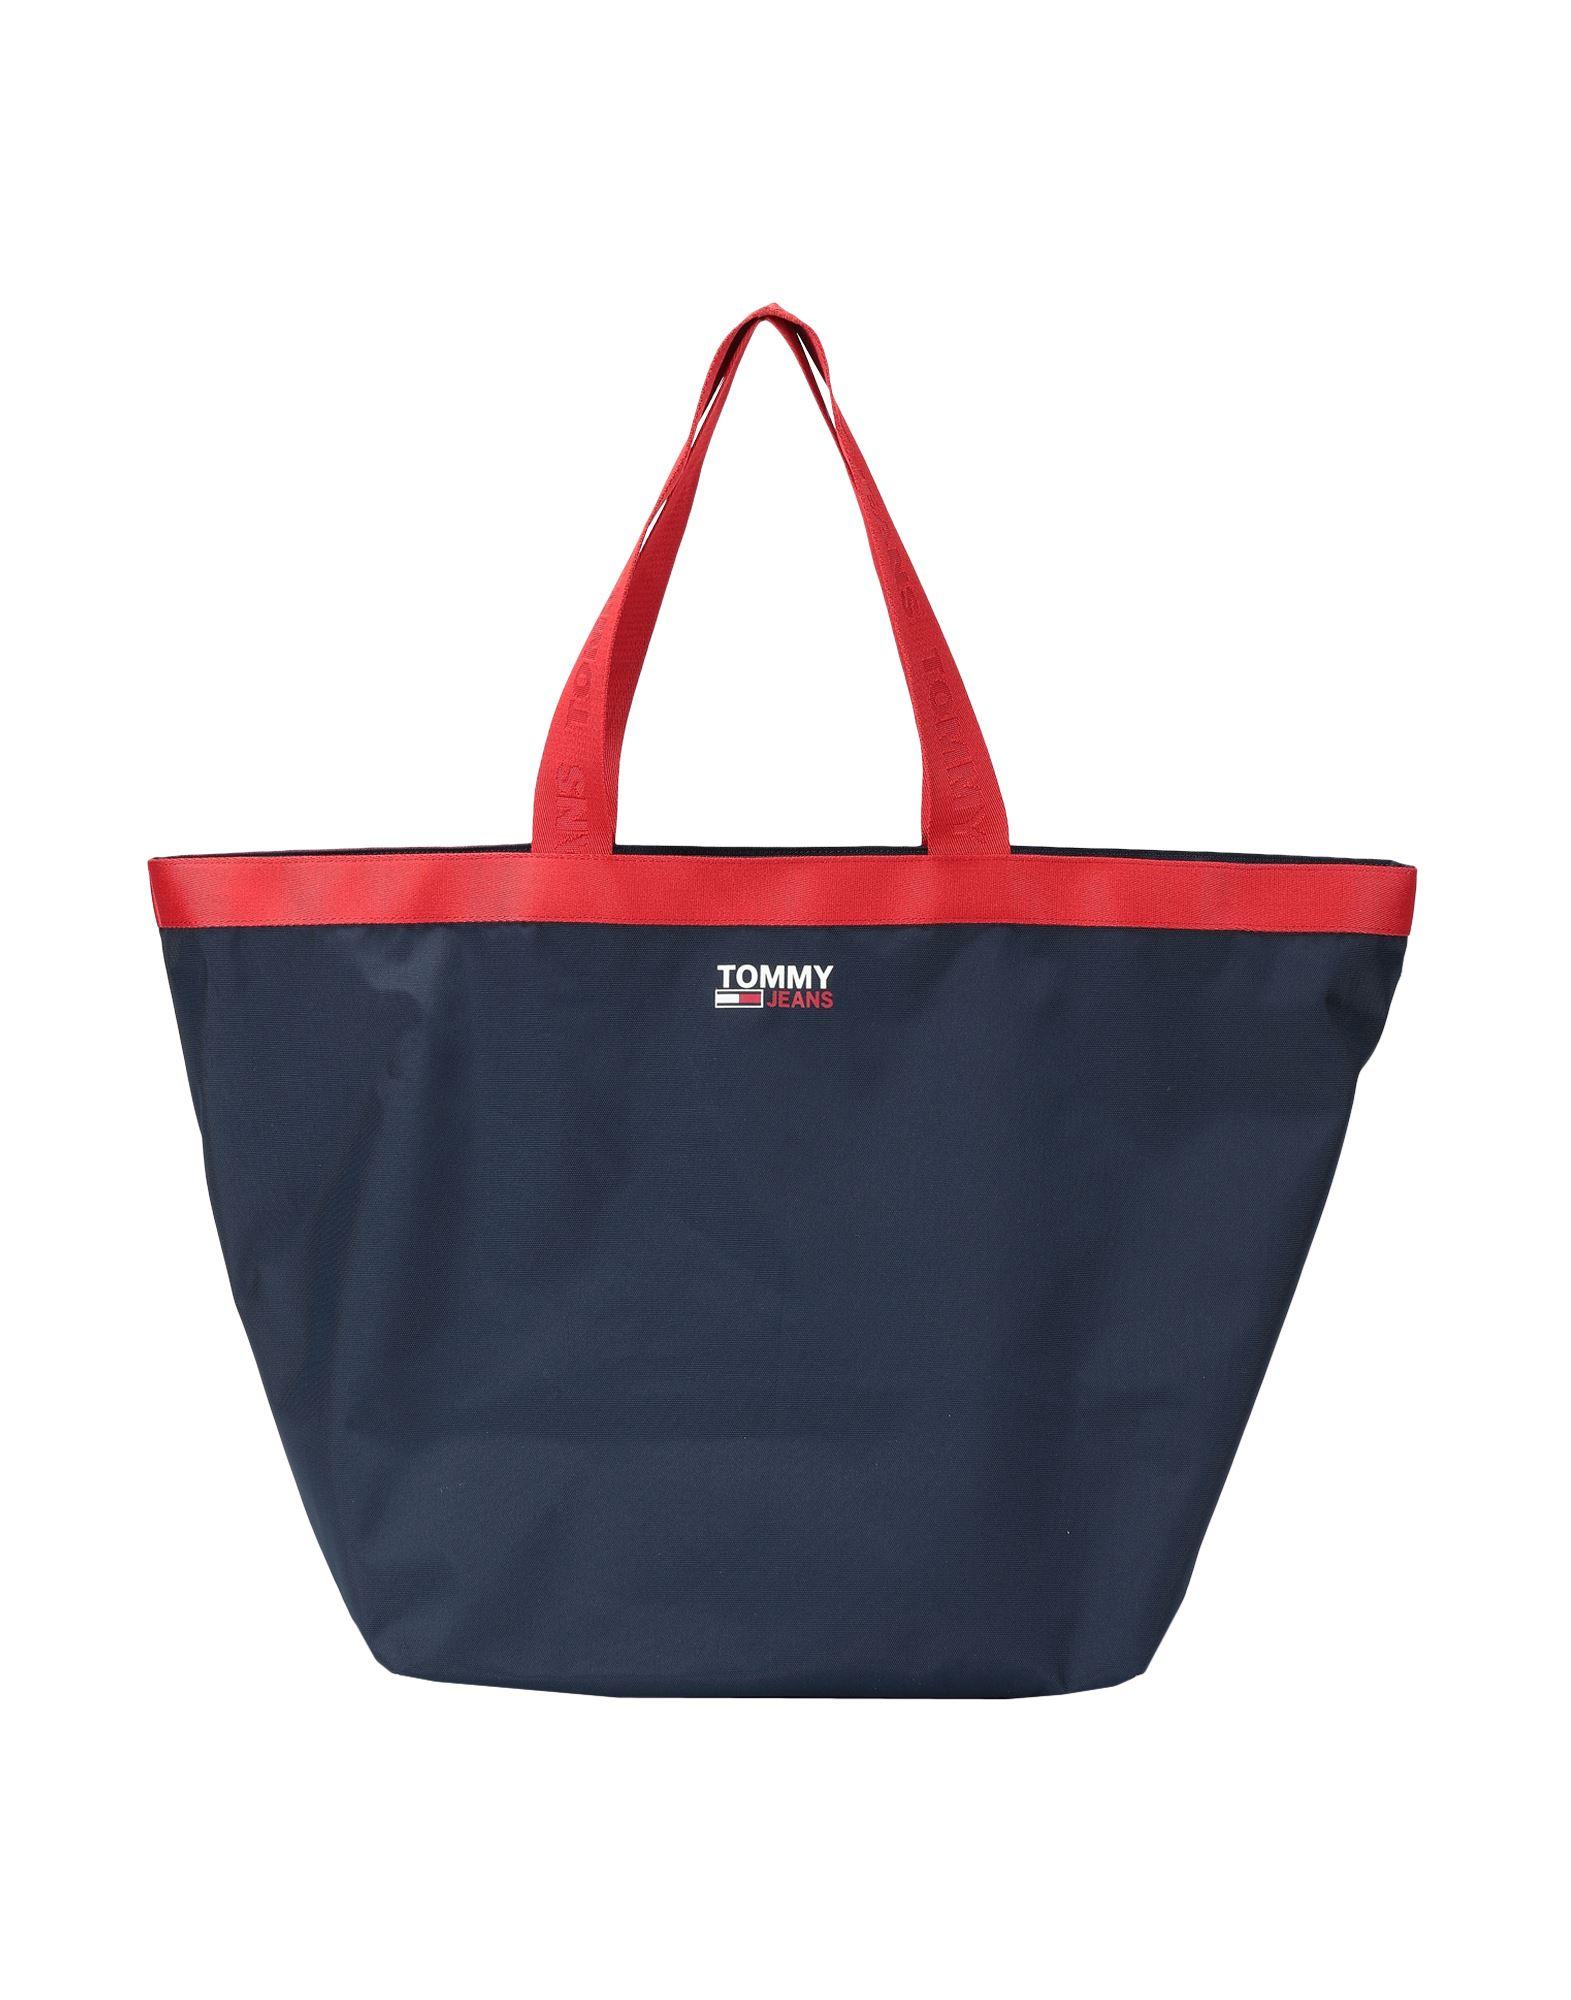 TOMMY JEANS Shoulder bags - Item 55020473